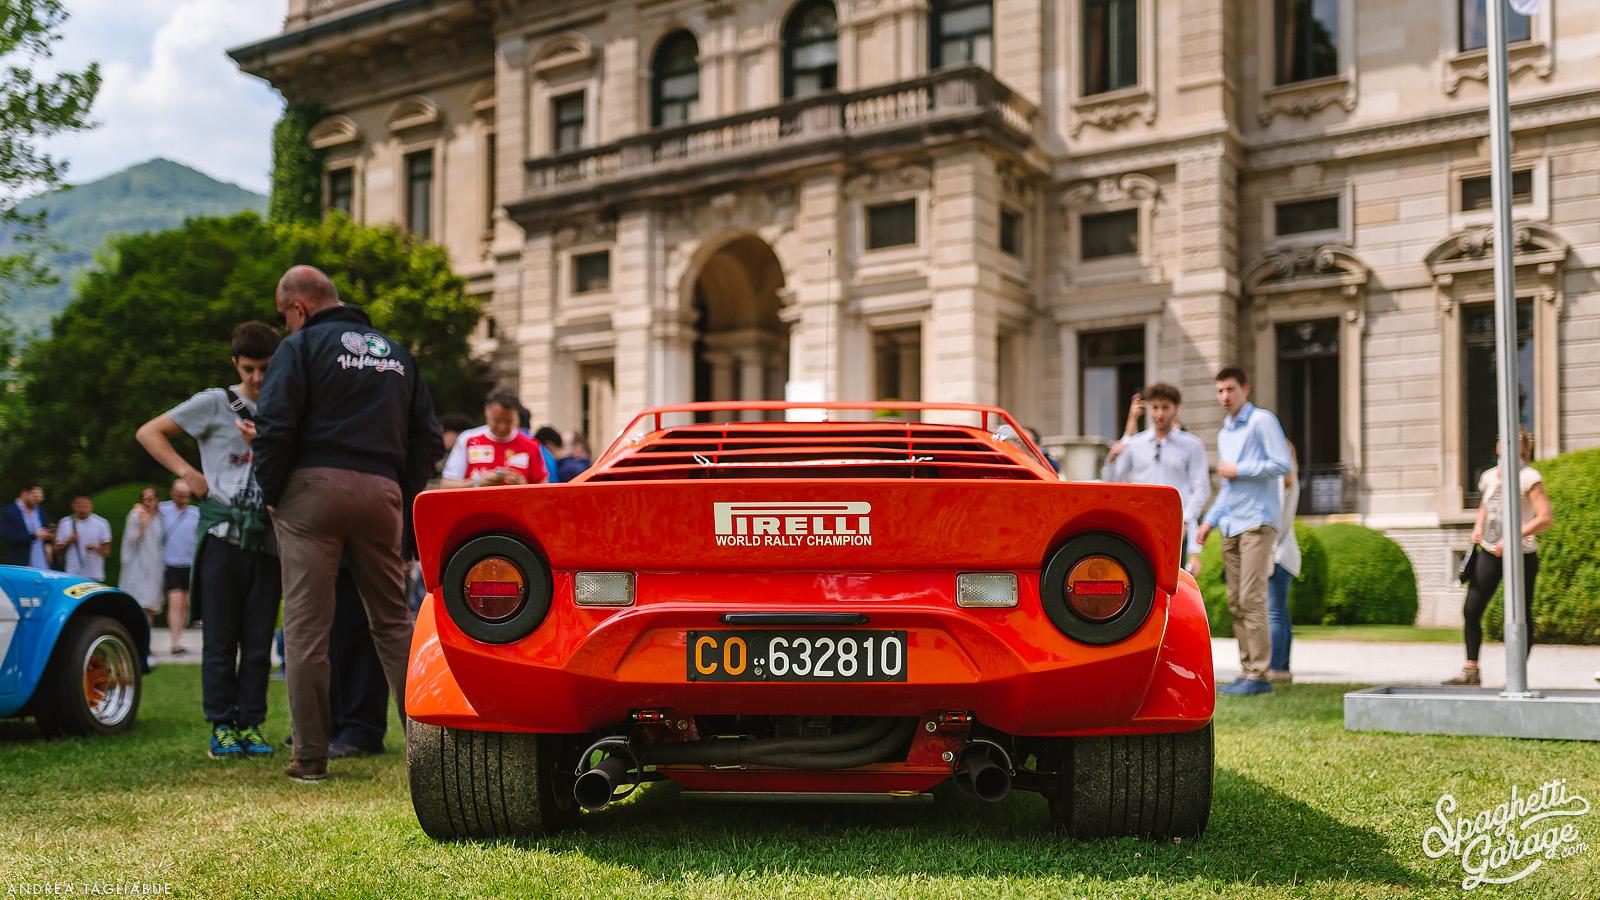 Foto Andrea Tagliabue | www.ftfoto.it